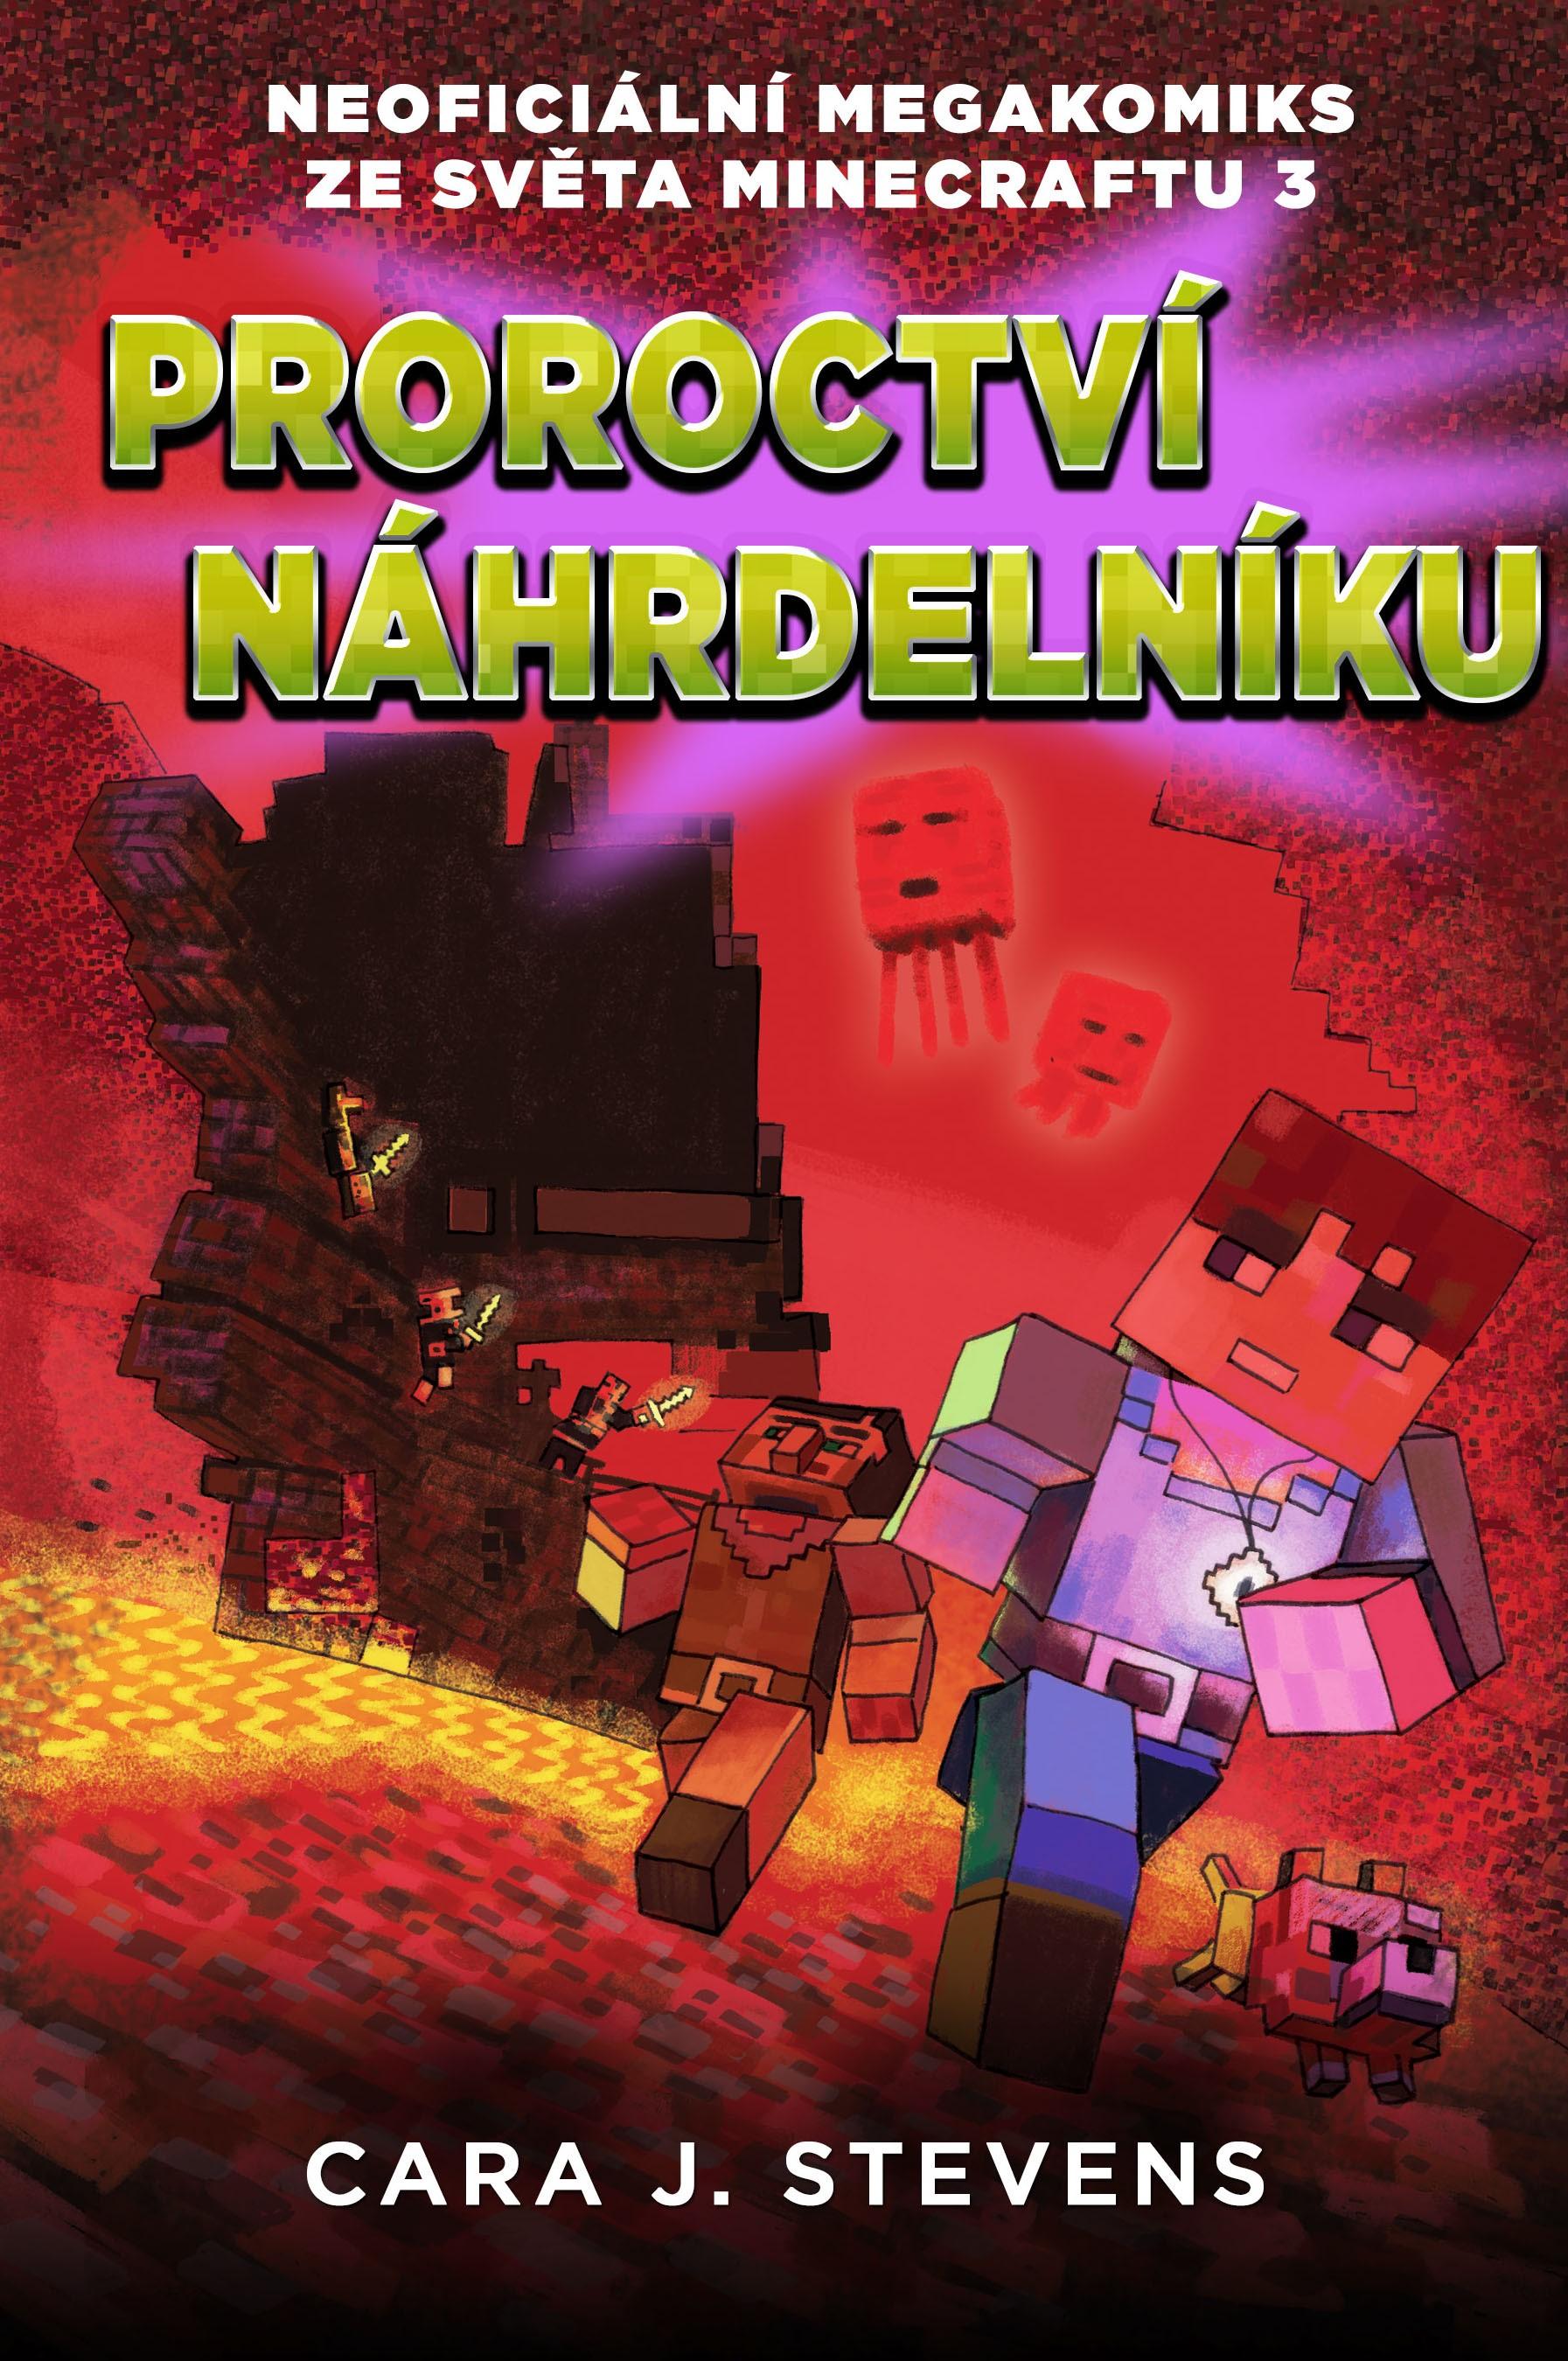 Proroctví náhrdelníku: Neoficiální megakomiks ze světa Minecraftu 3